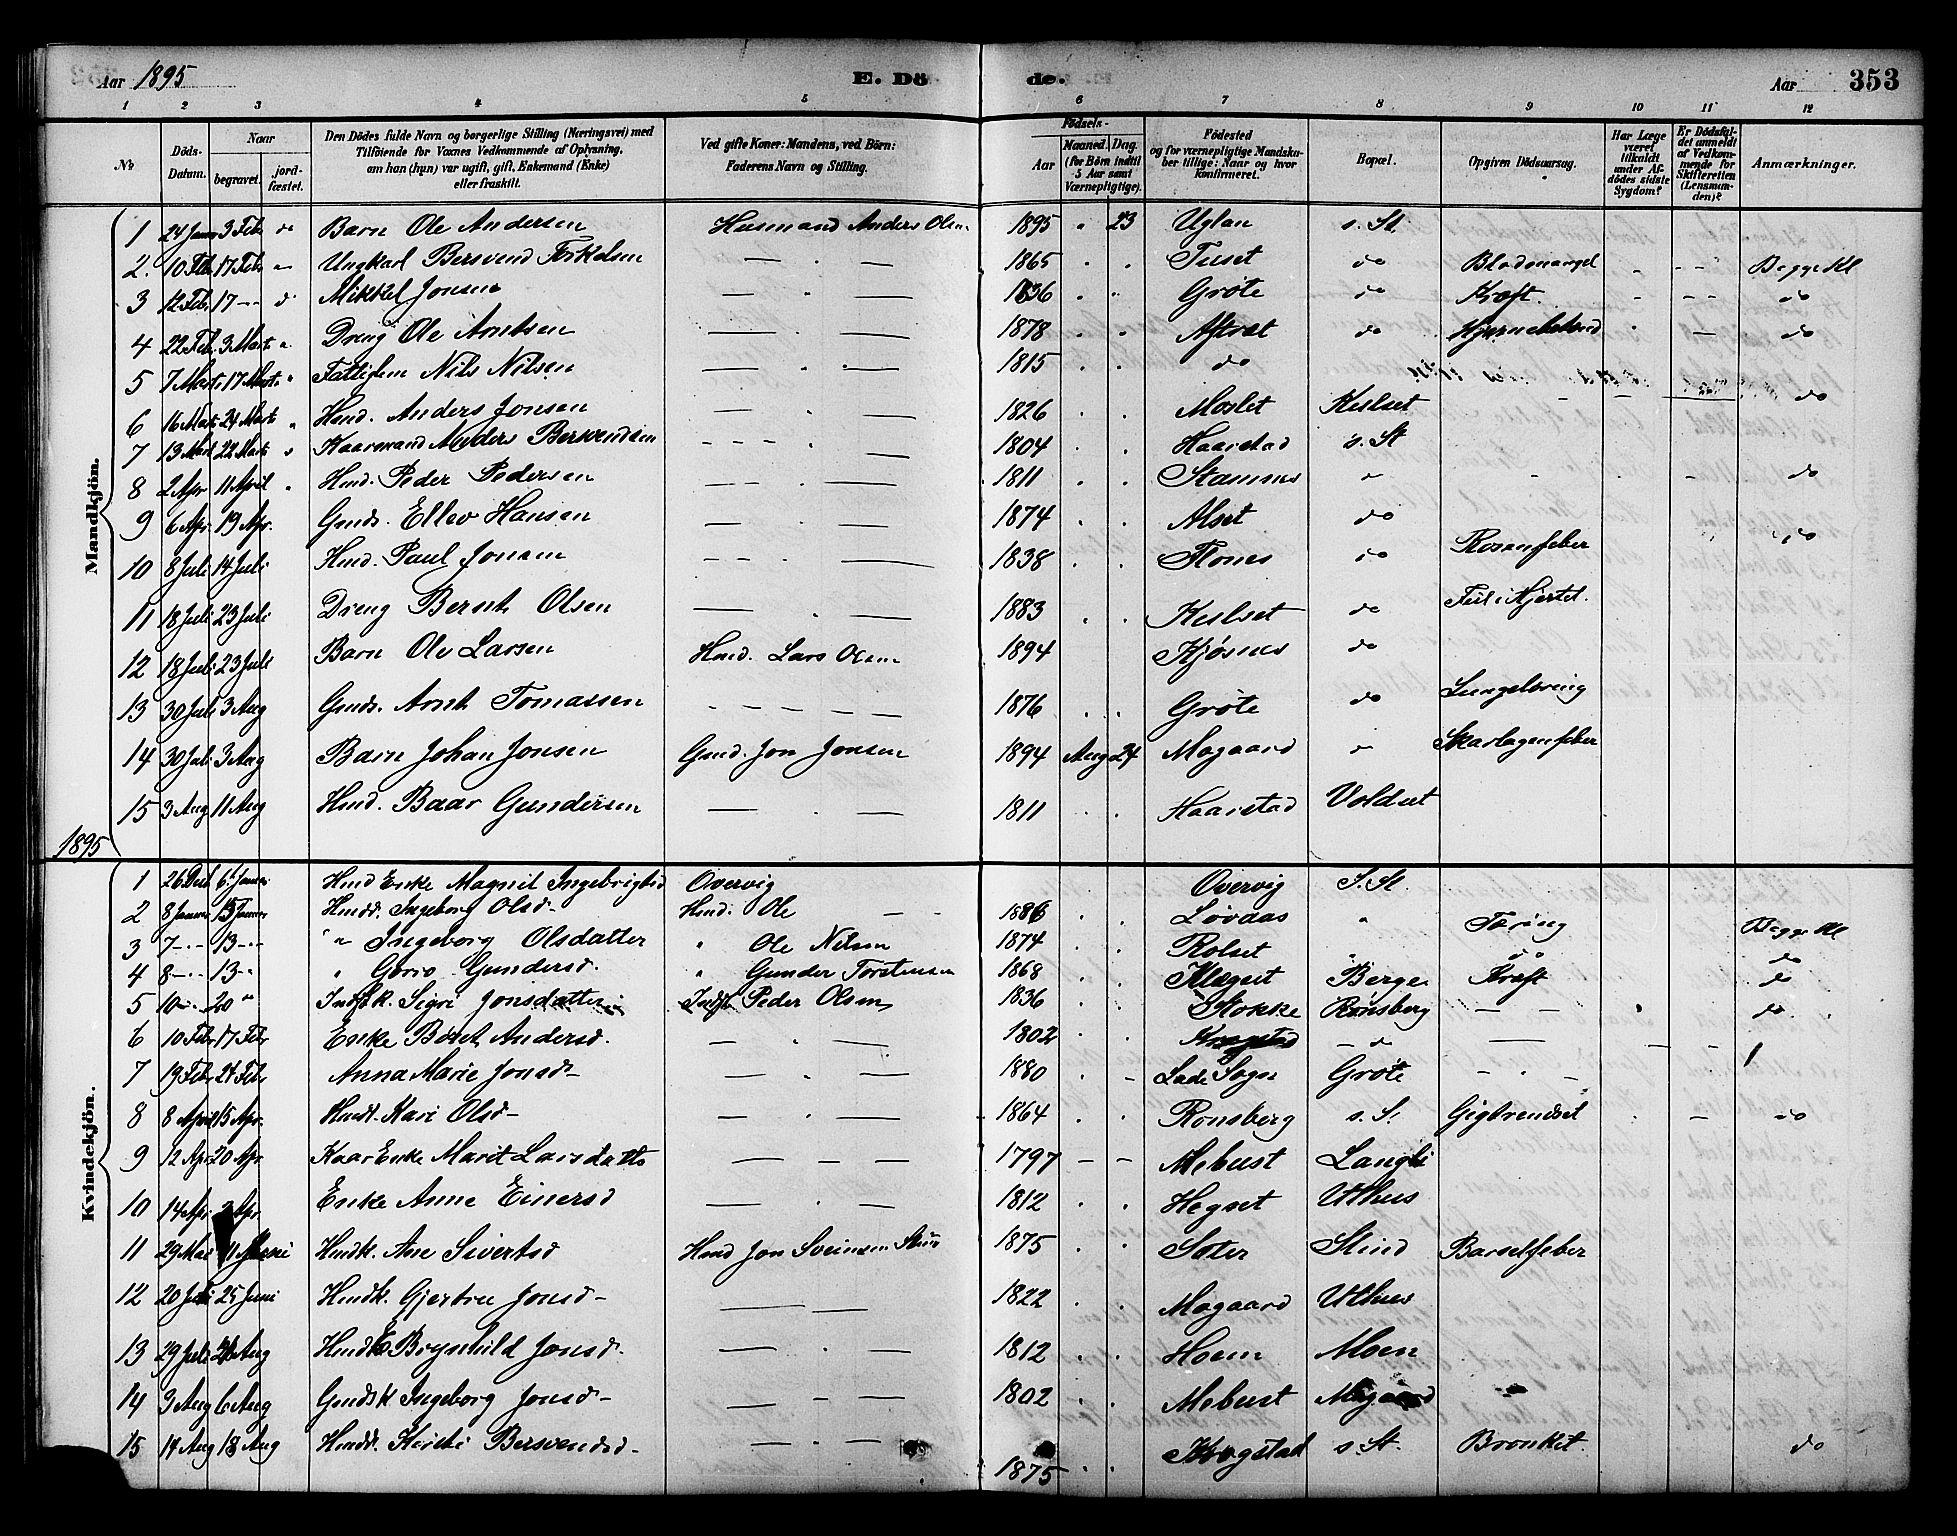 SAT, Ministerialprotokoller, klokkerbøker og fødselsregistre - Sør-Trøndelag, 695/L1157: Klokkerbok nr. 695C08, 1889-1913, s. 353